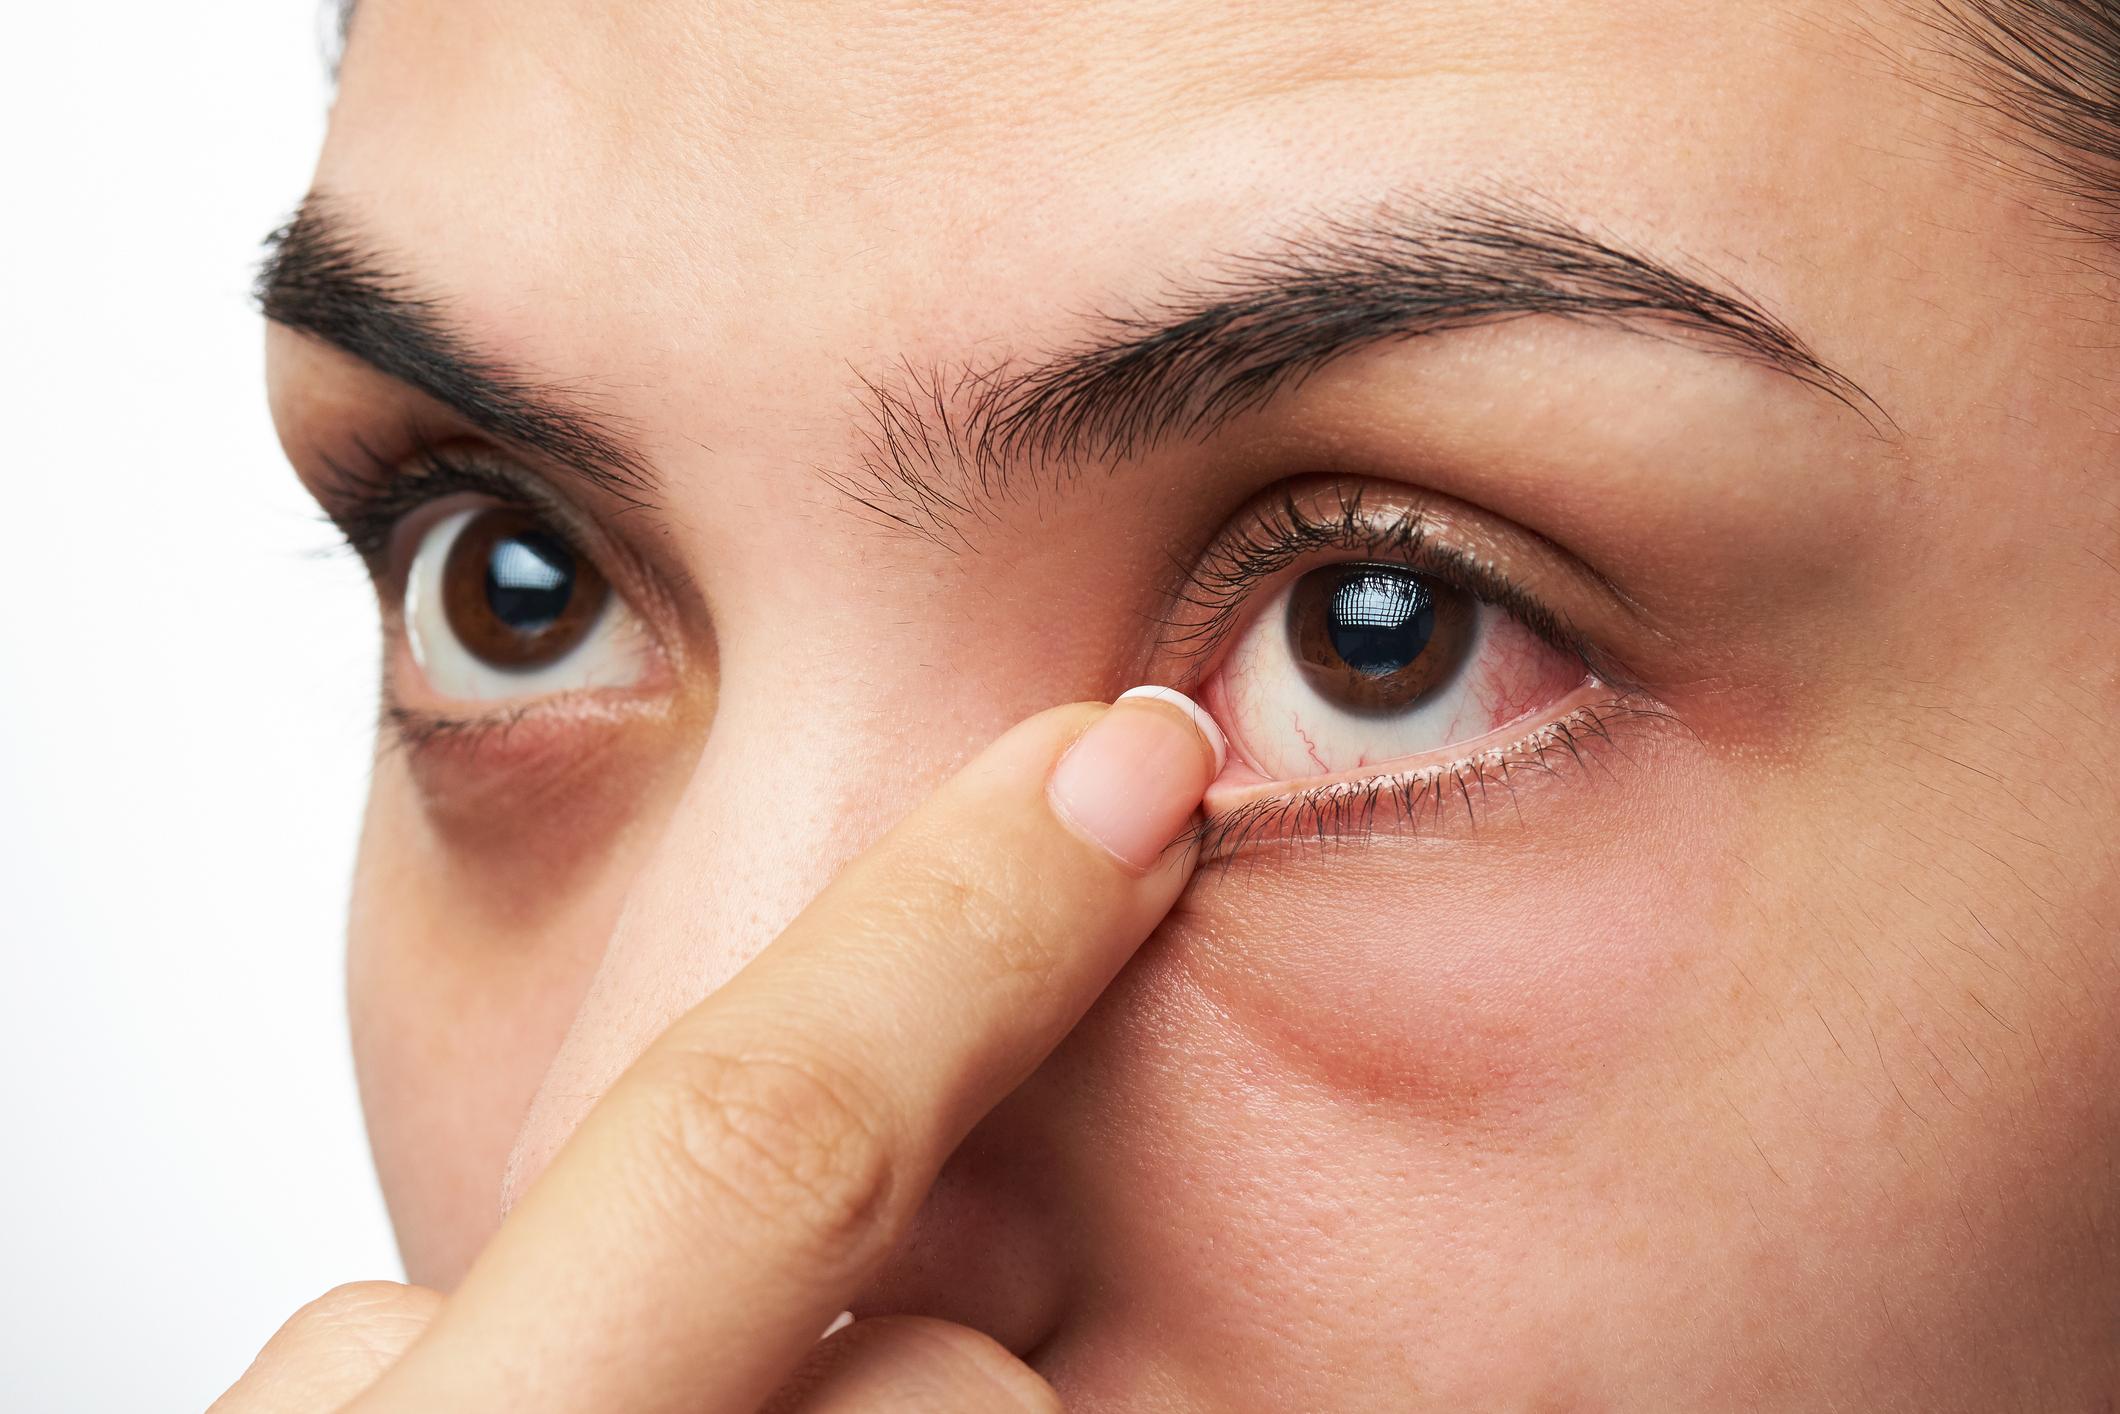 eyes.0.jpg